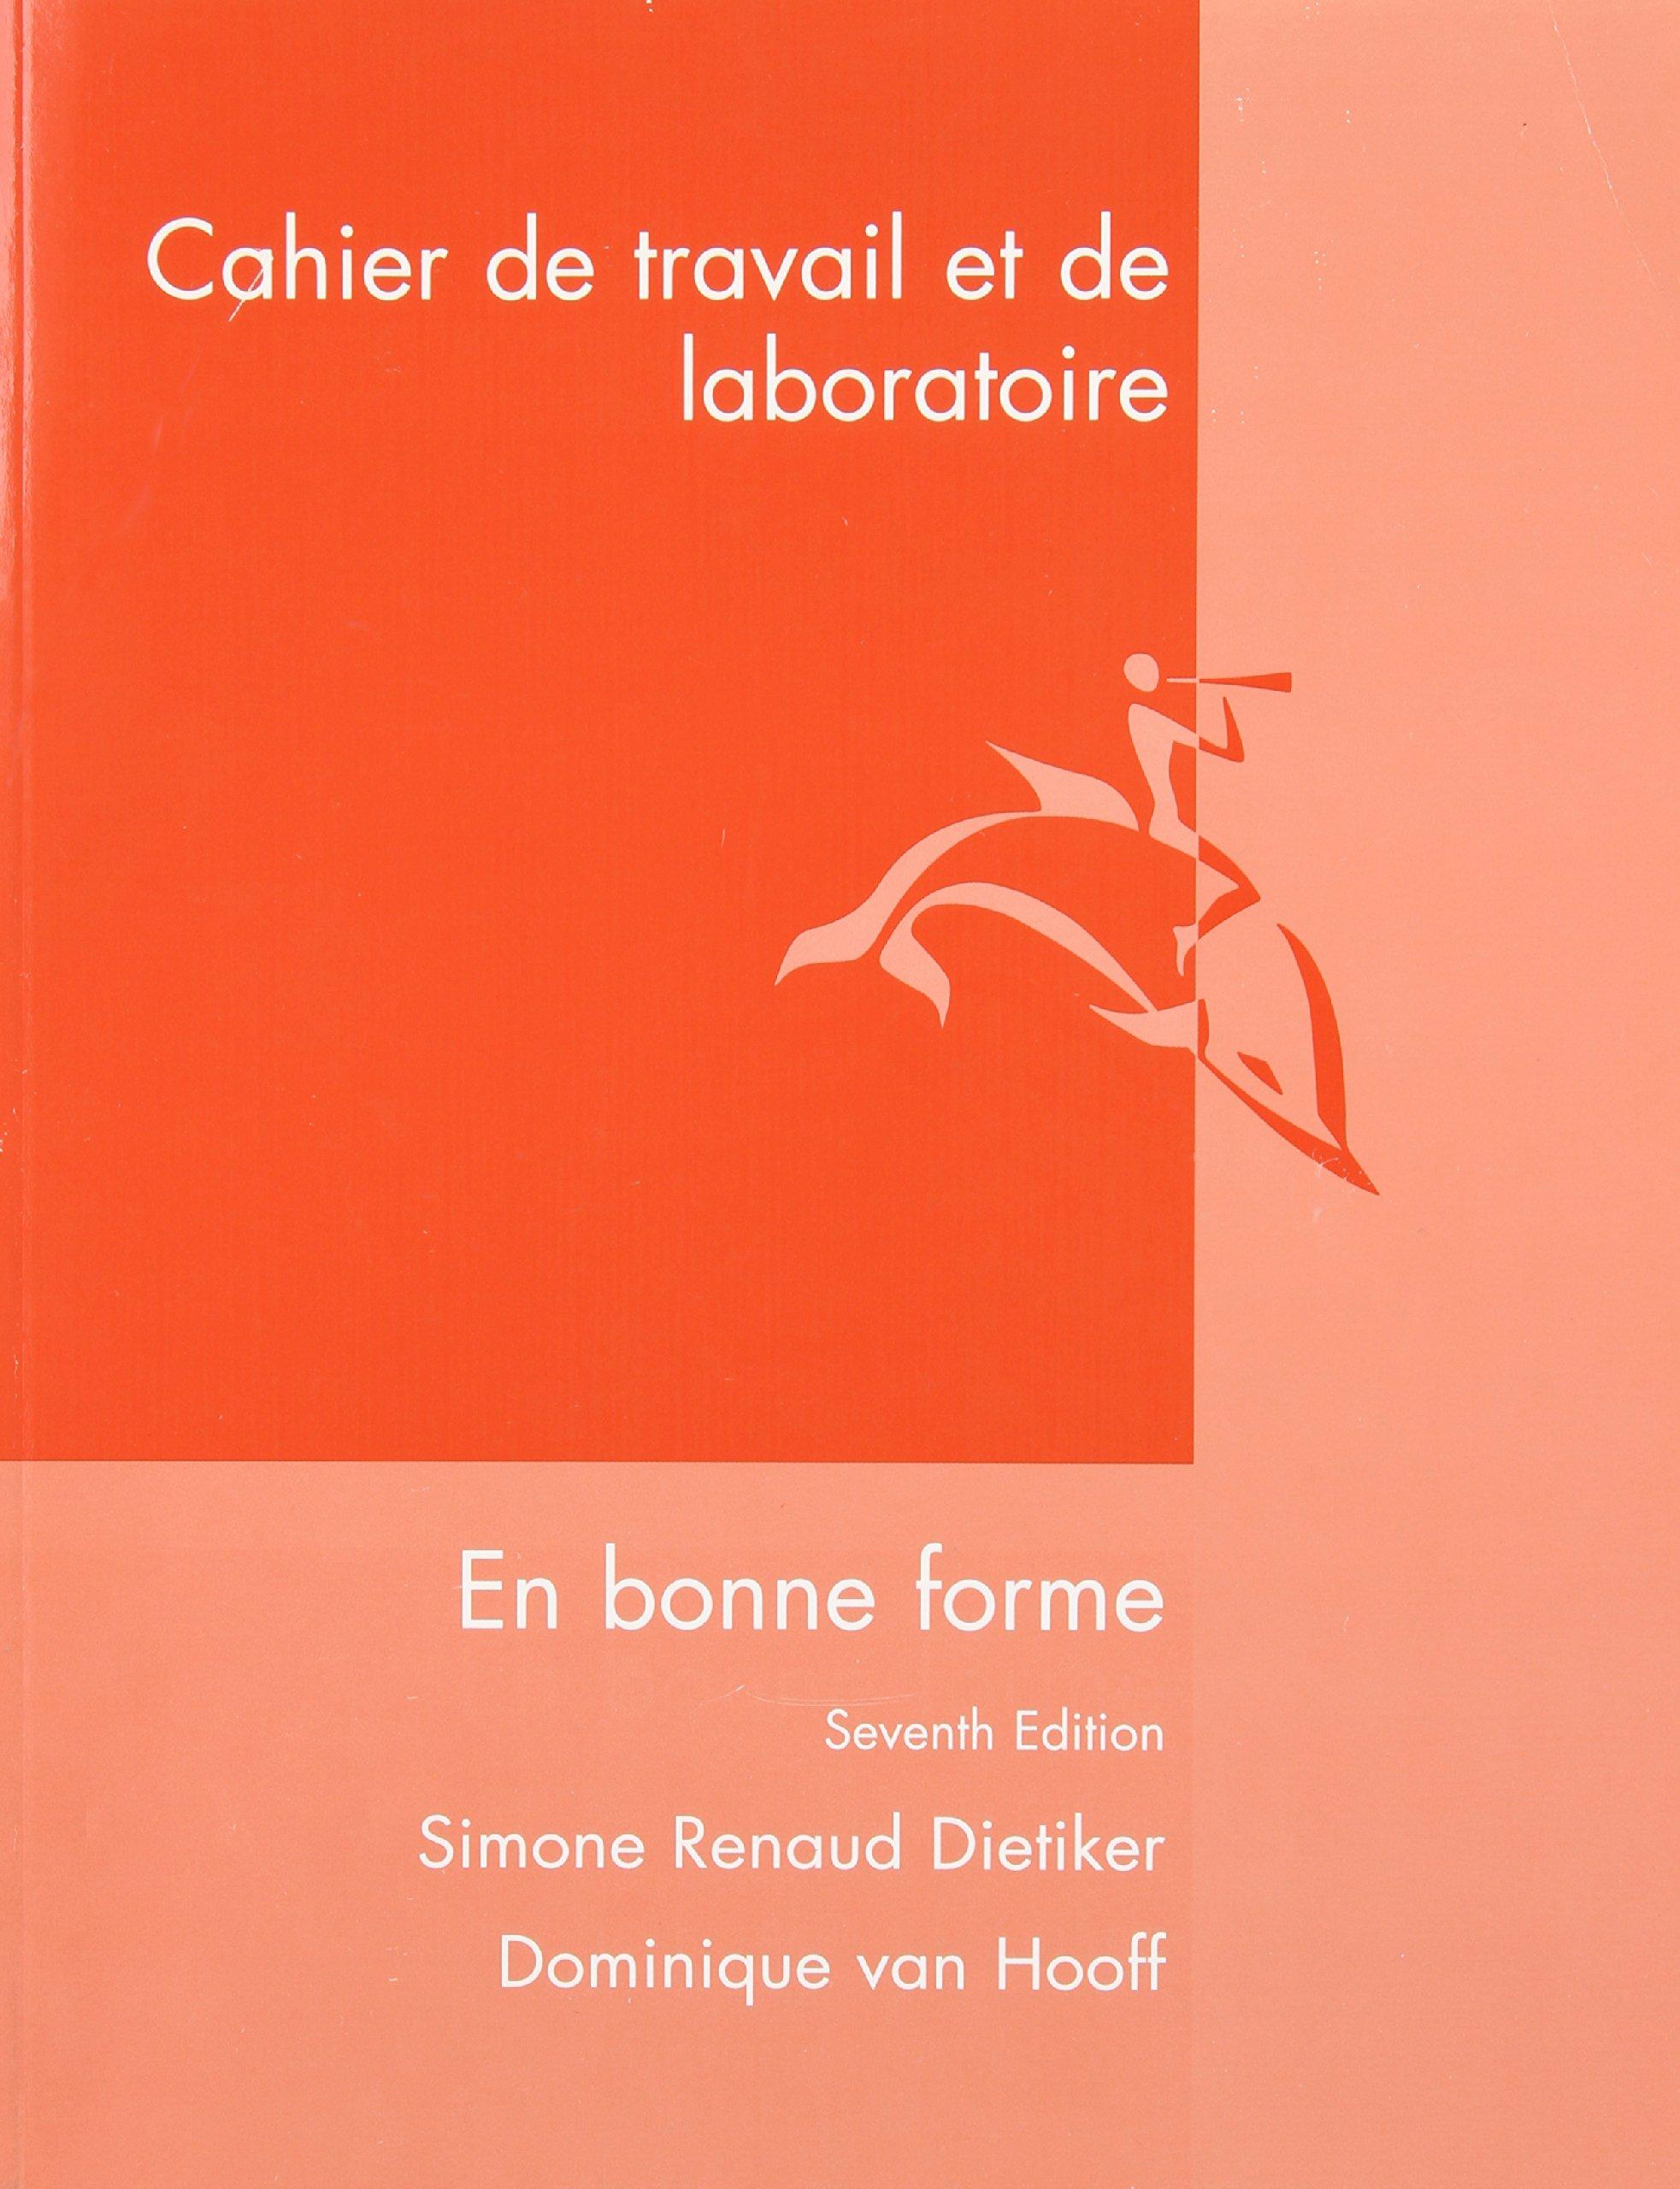 En Bonne Forme: Cahier De Travail Et Laboratoire: Simone Renaud Dietiker,  Dominique Van Hooff: 9780470427156: Books - Amazon.ca